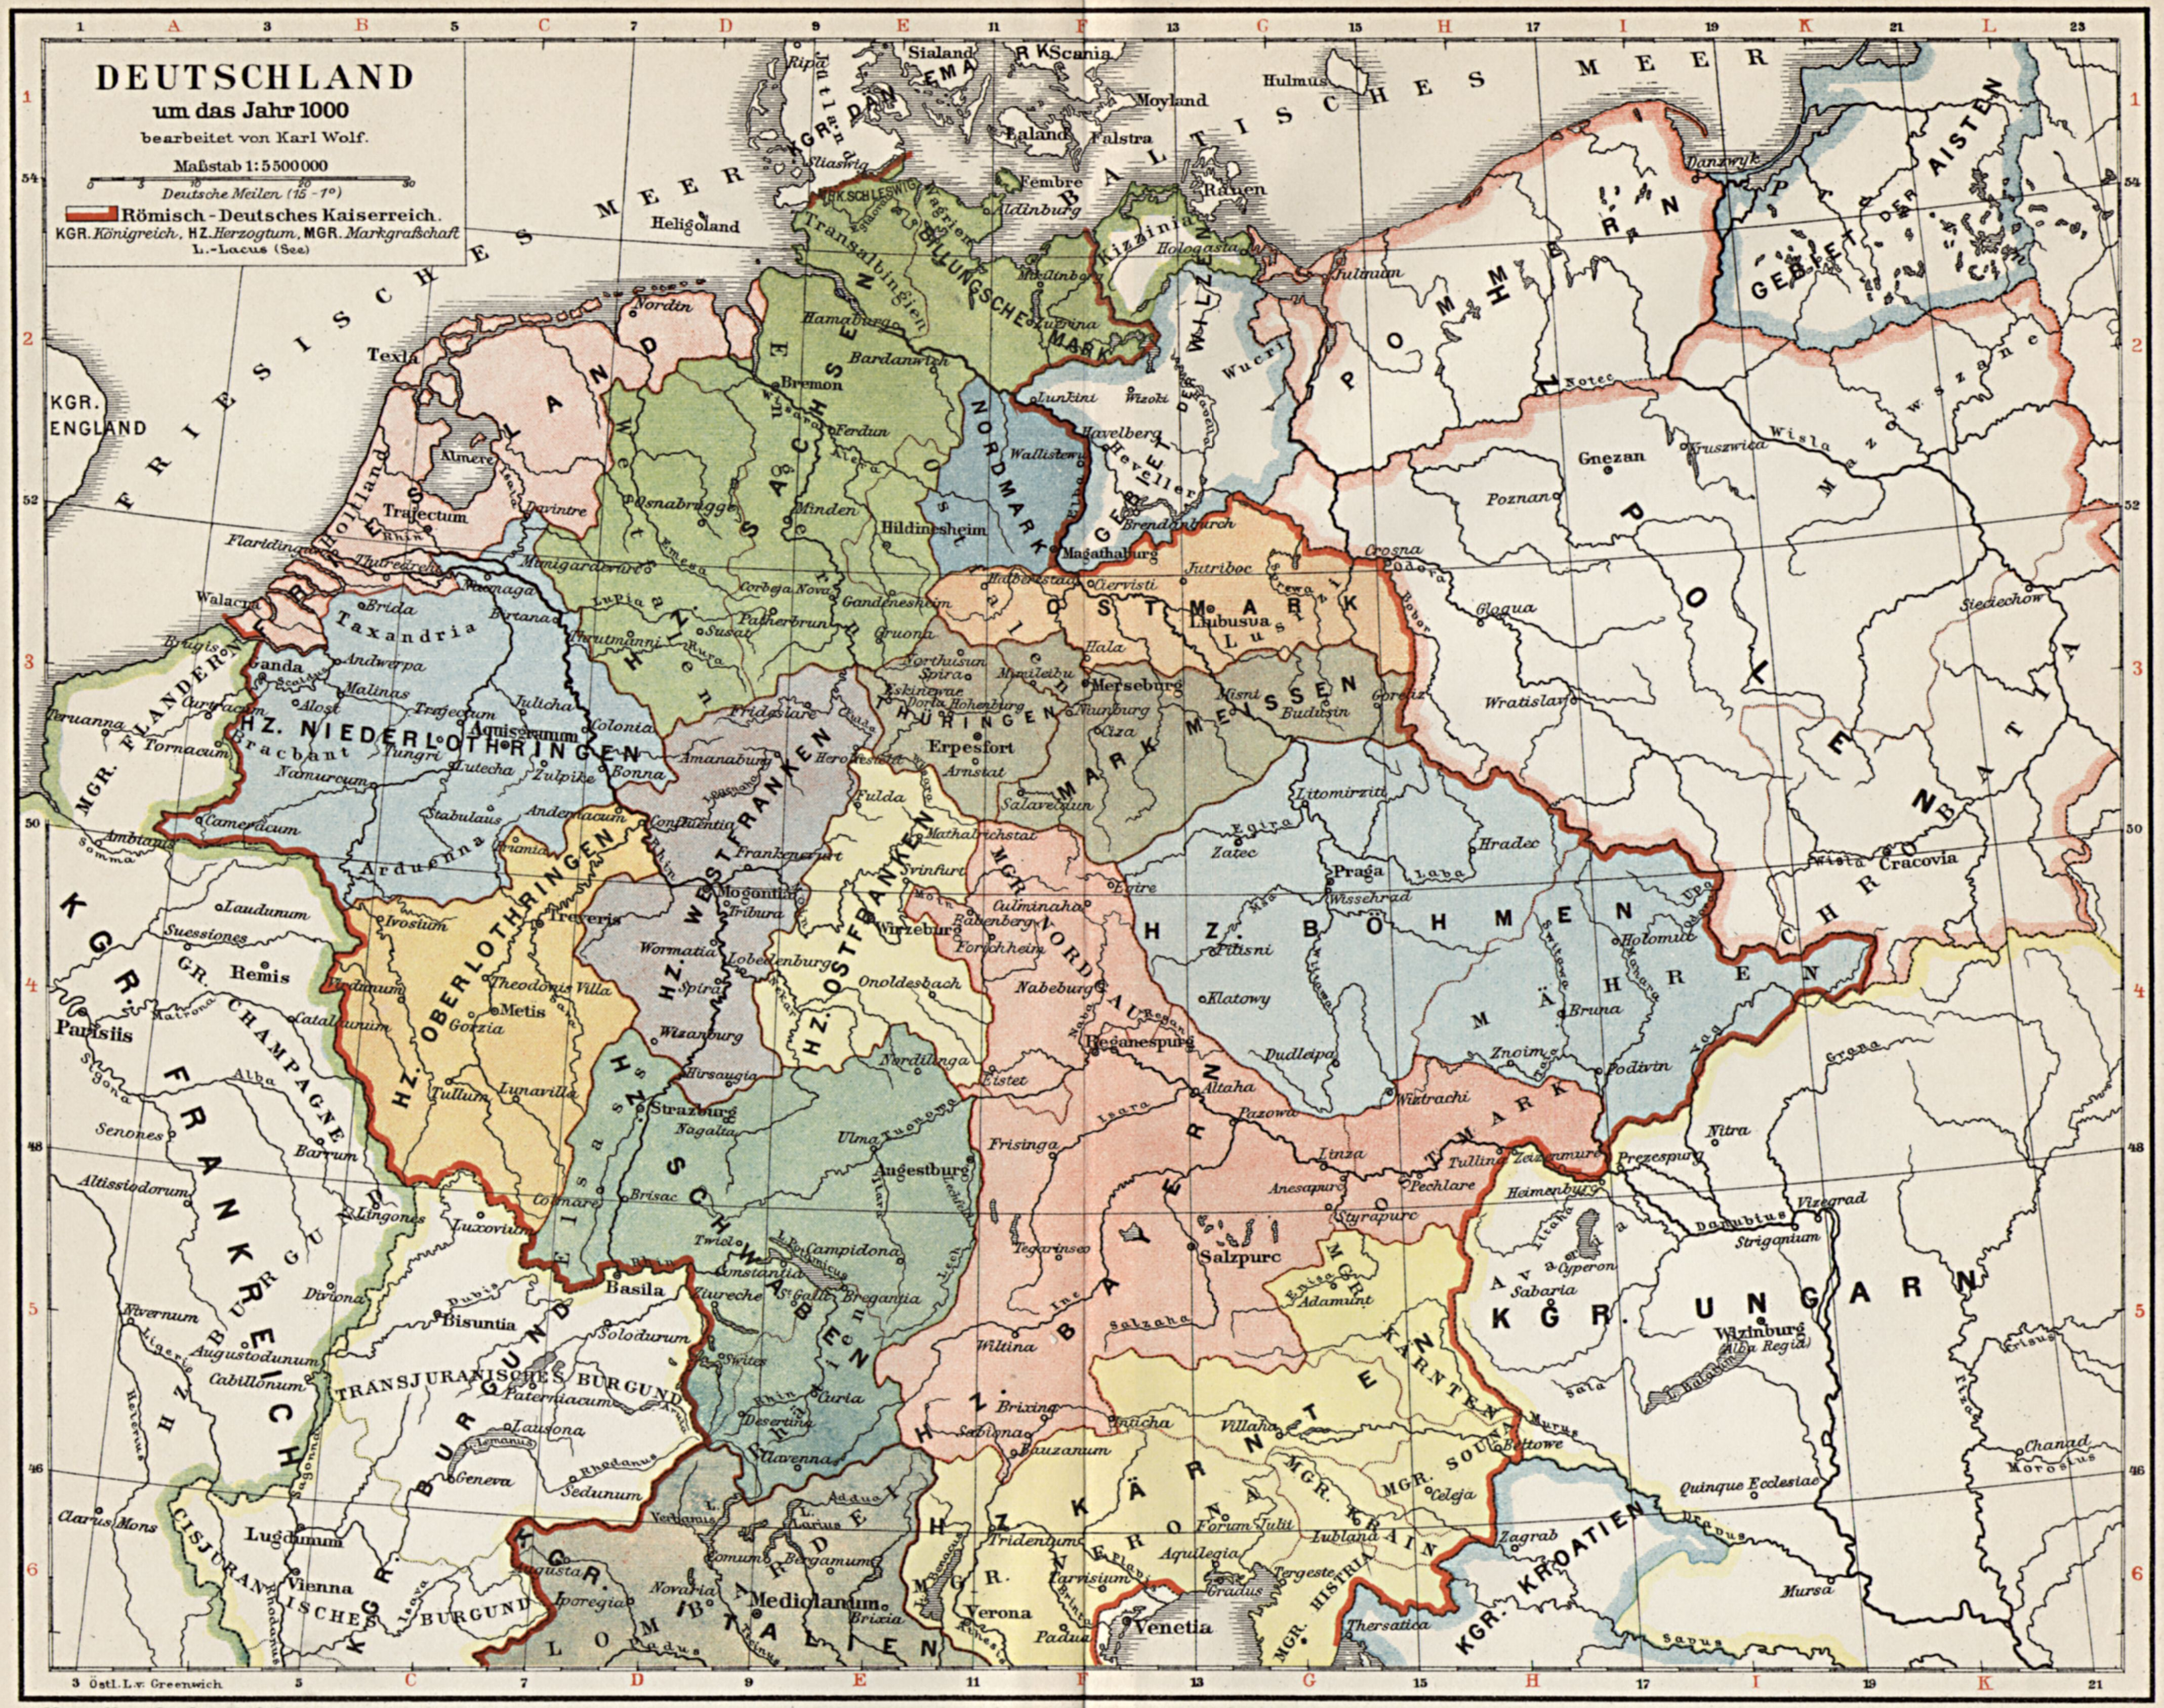 Landkarte Romisch Deutsche Reich C 1000 Landkarte Geschichte